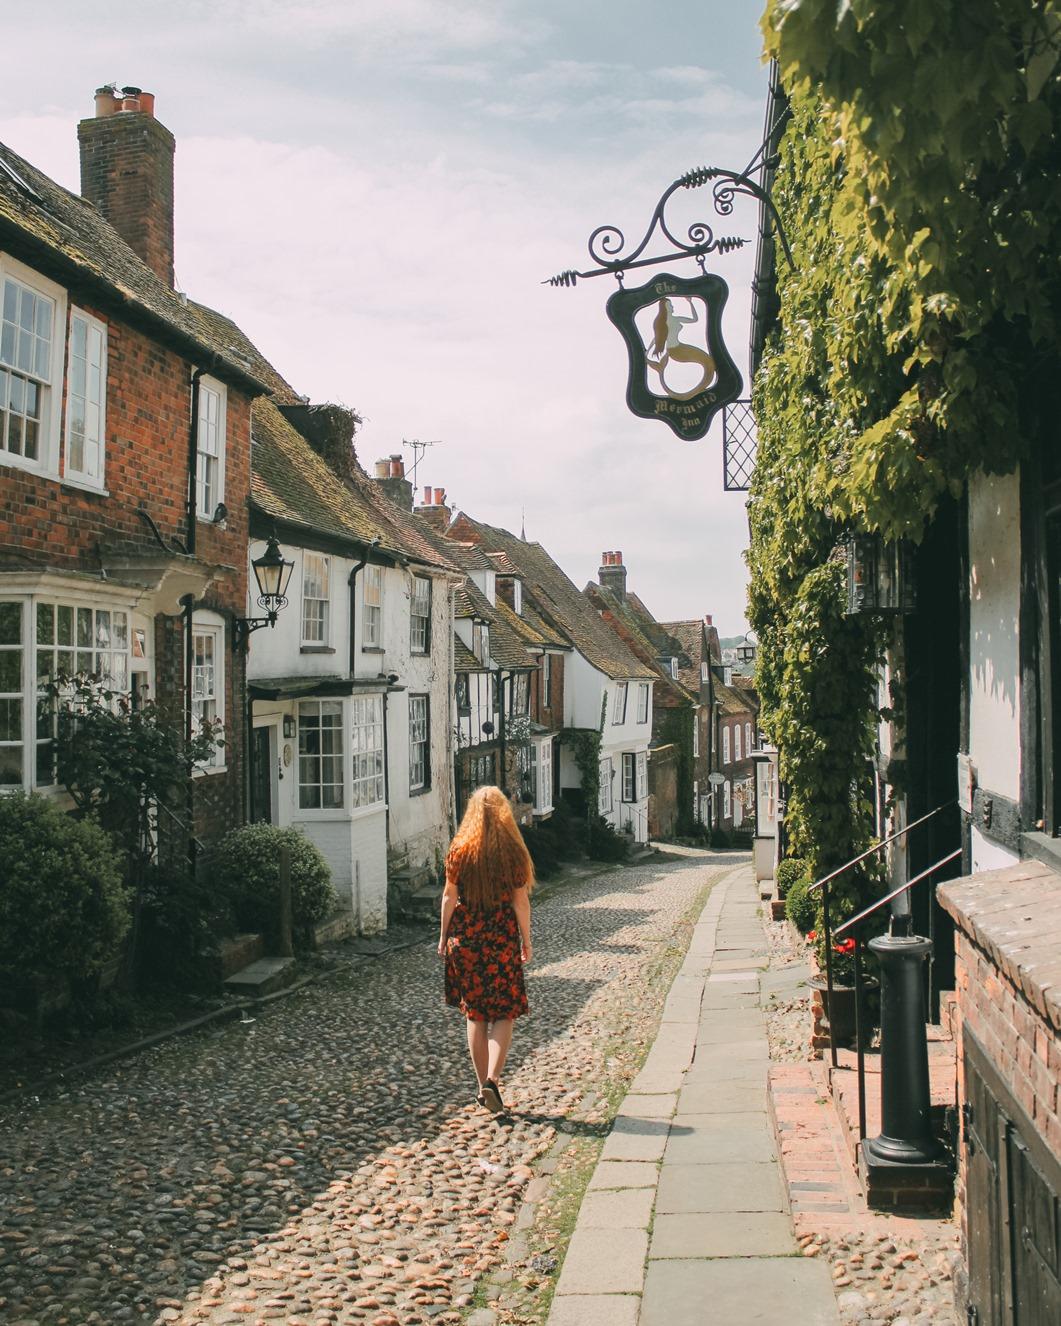 Что посмотреть в Кенте? Самые прекрасные места Кента «Сада Англии»